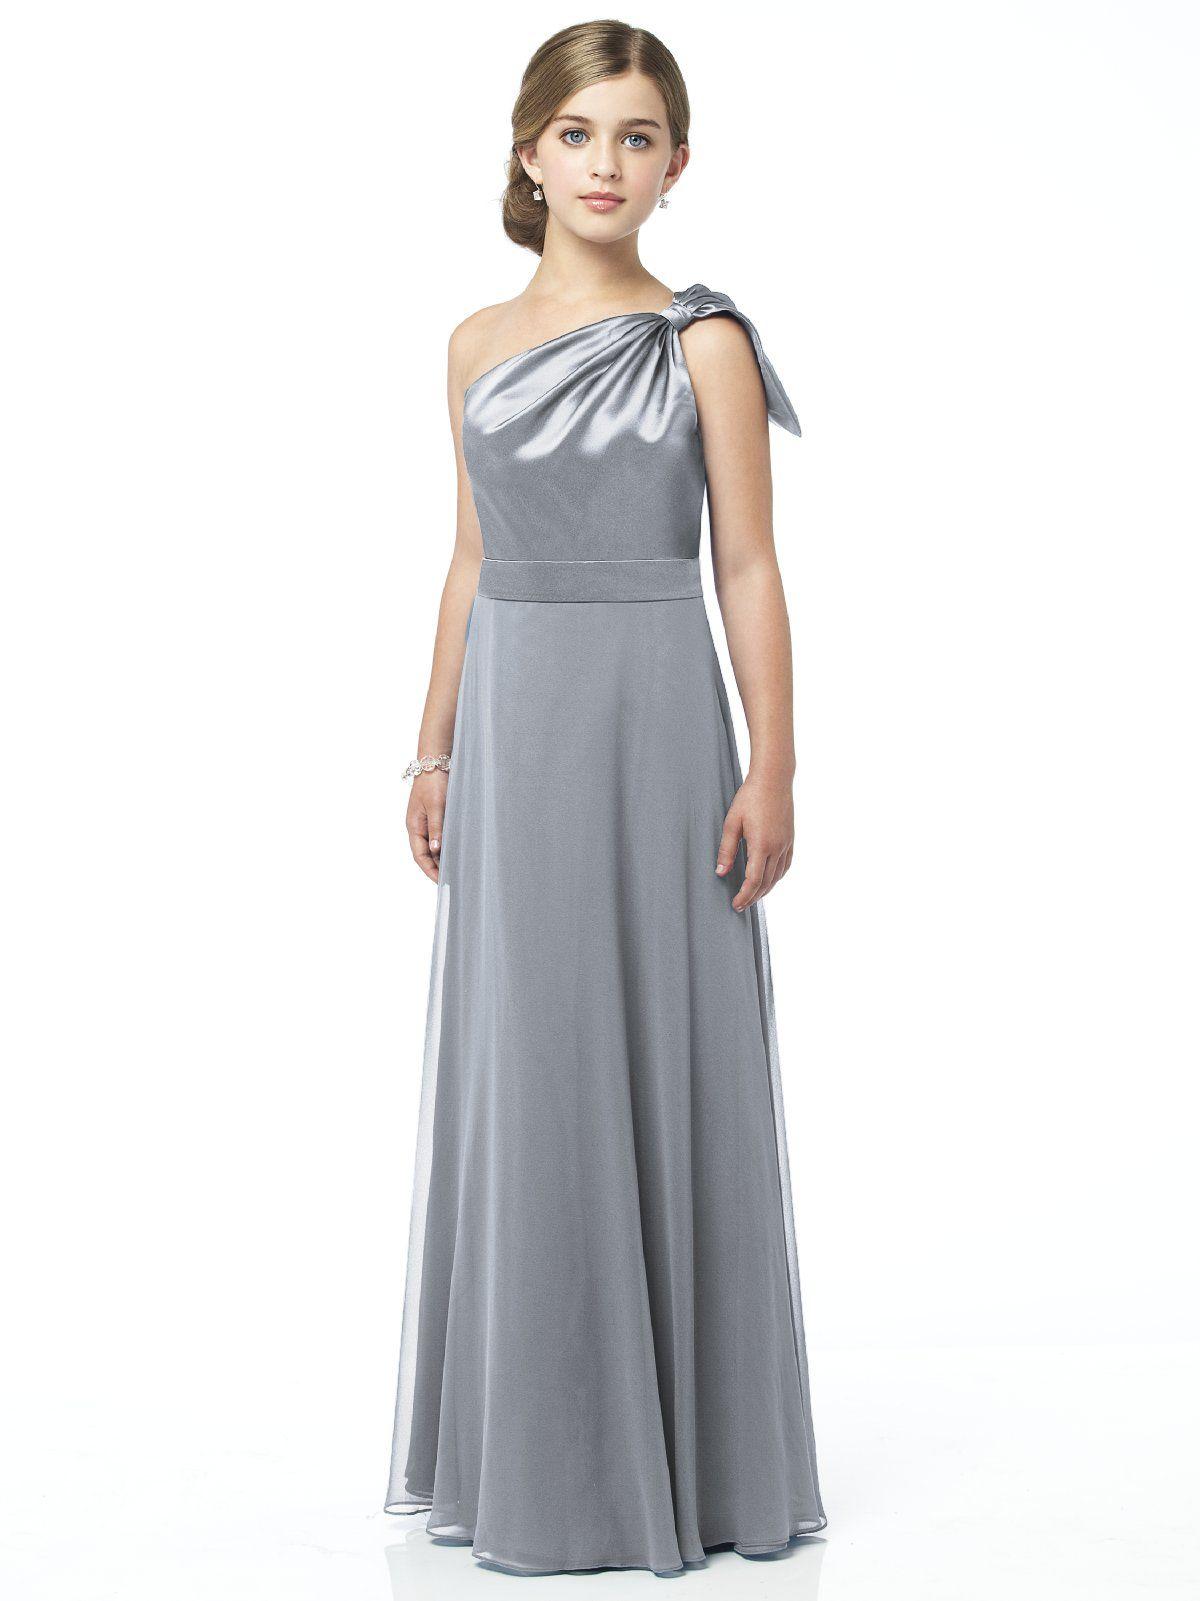 Dessy collection junior bridesmaid jr514 one shoulder